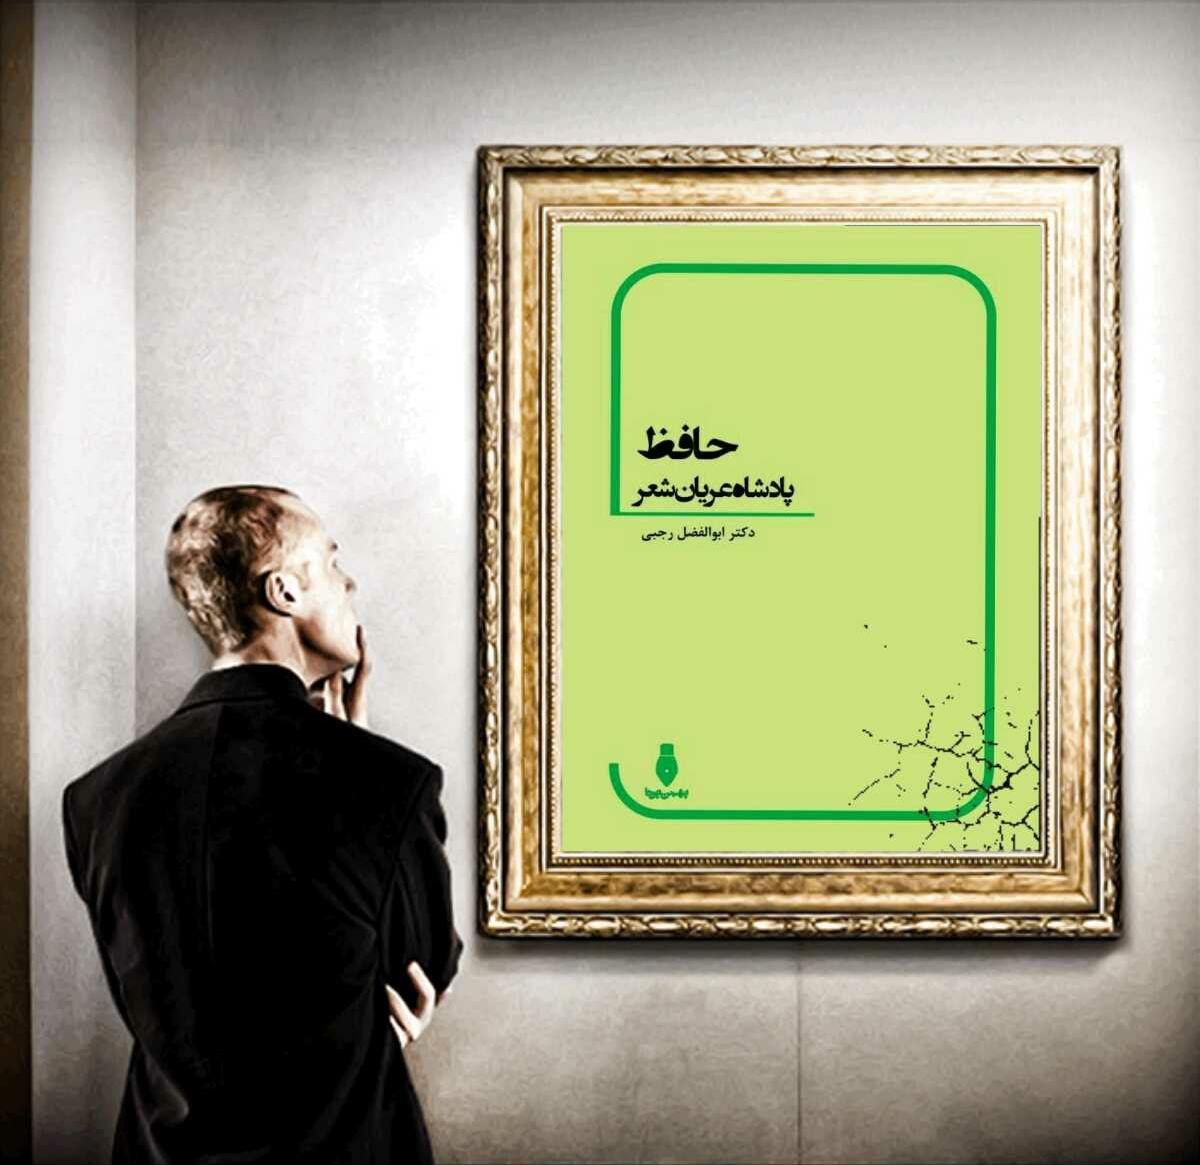 پرده دوم: افسانهسازی، افسانه سوم: انتقاد شاه شجاع از شعر حافظ (بخش دوم)